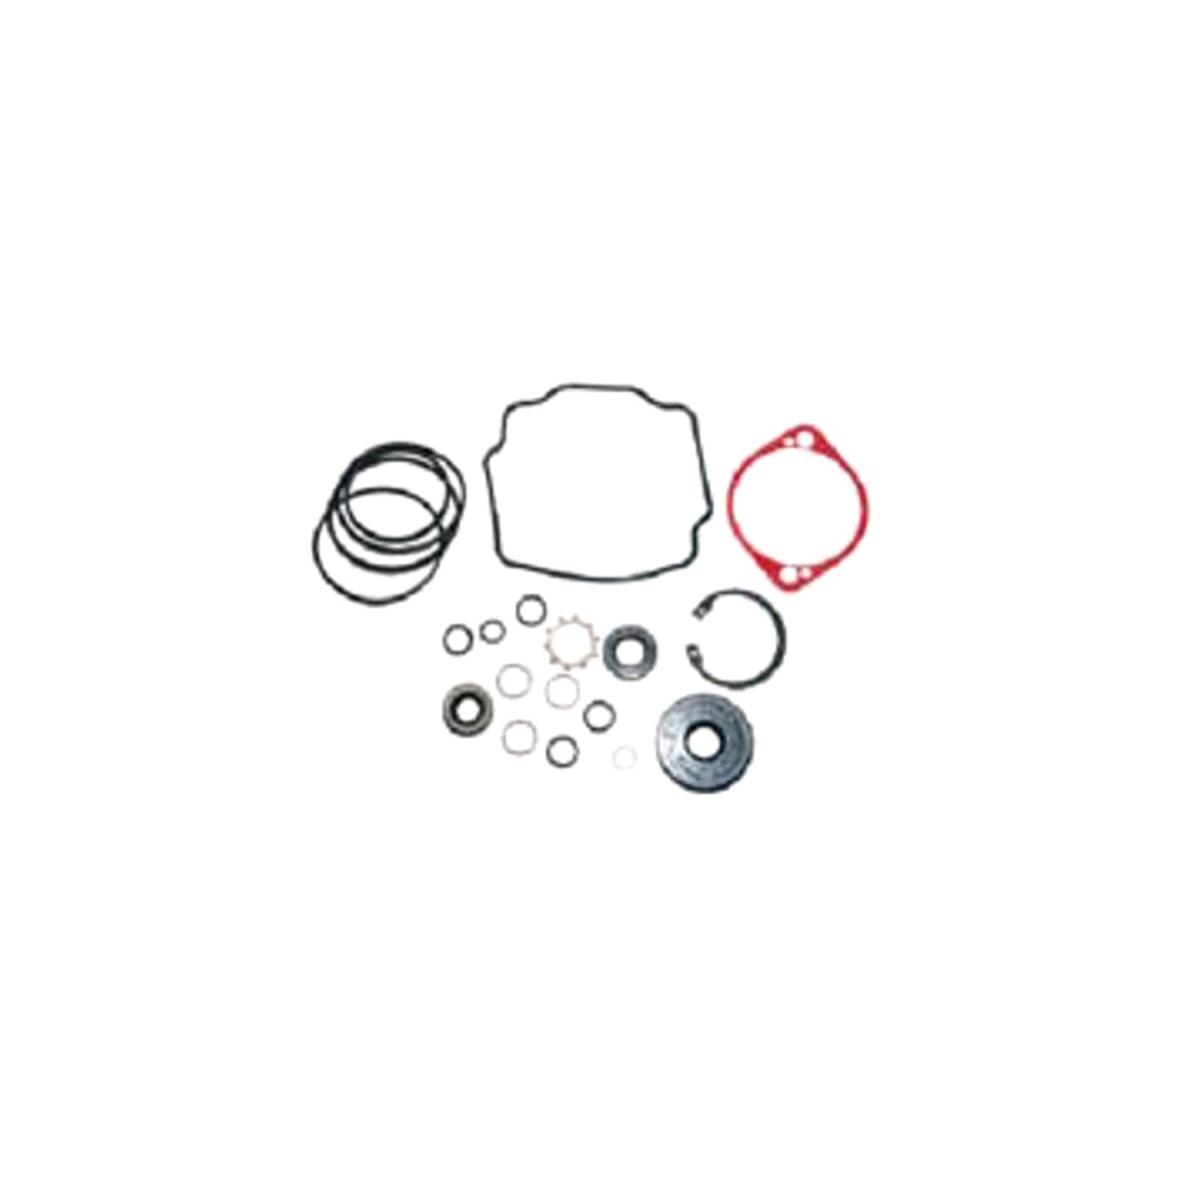 901171 dixie chopper seal kit 16a pump hydro